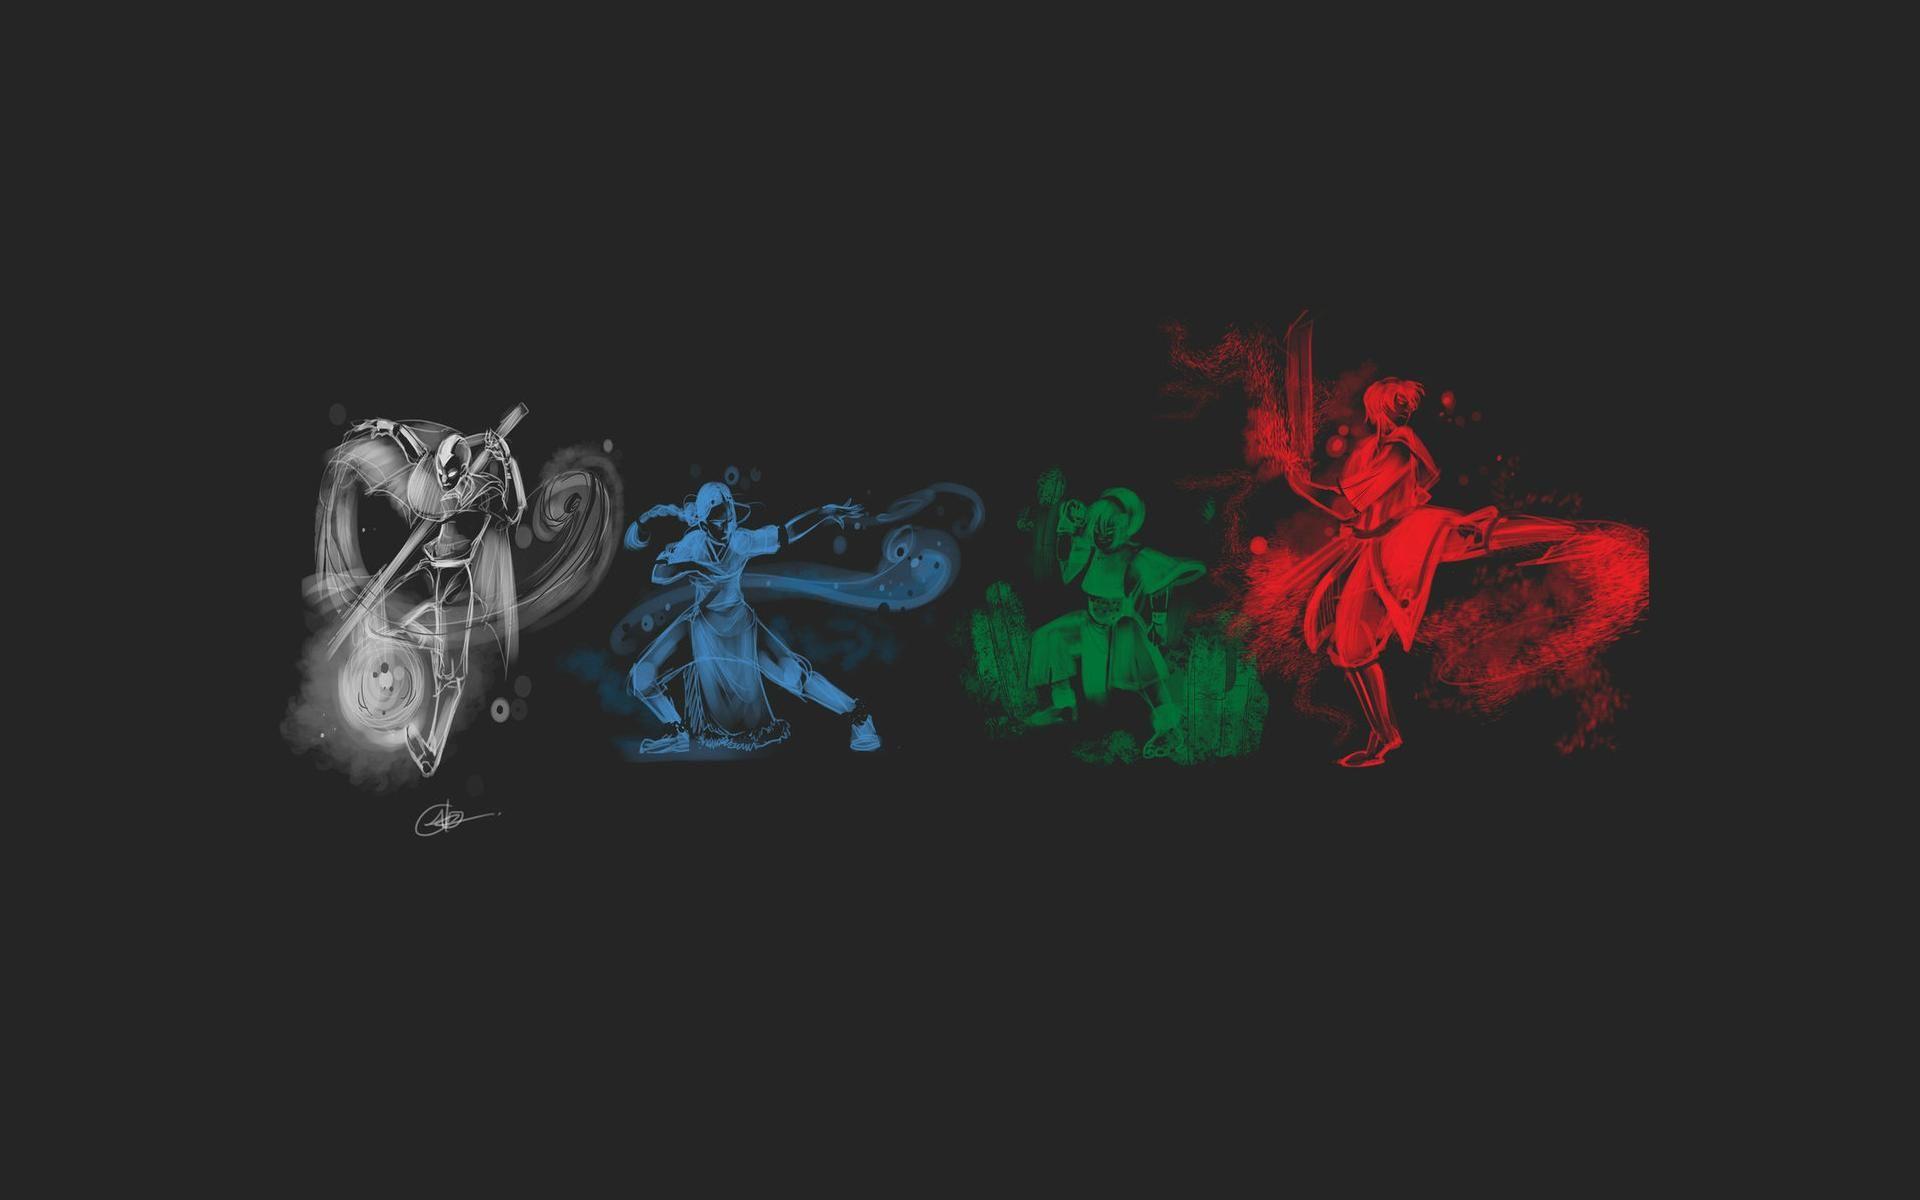 Fullwallpaperhd Com Avatar The Last Airbender Avatar Aang Avatar The Last Airbender Art